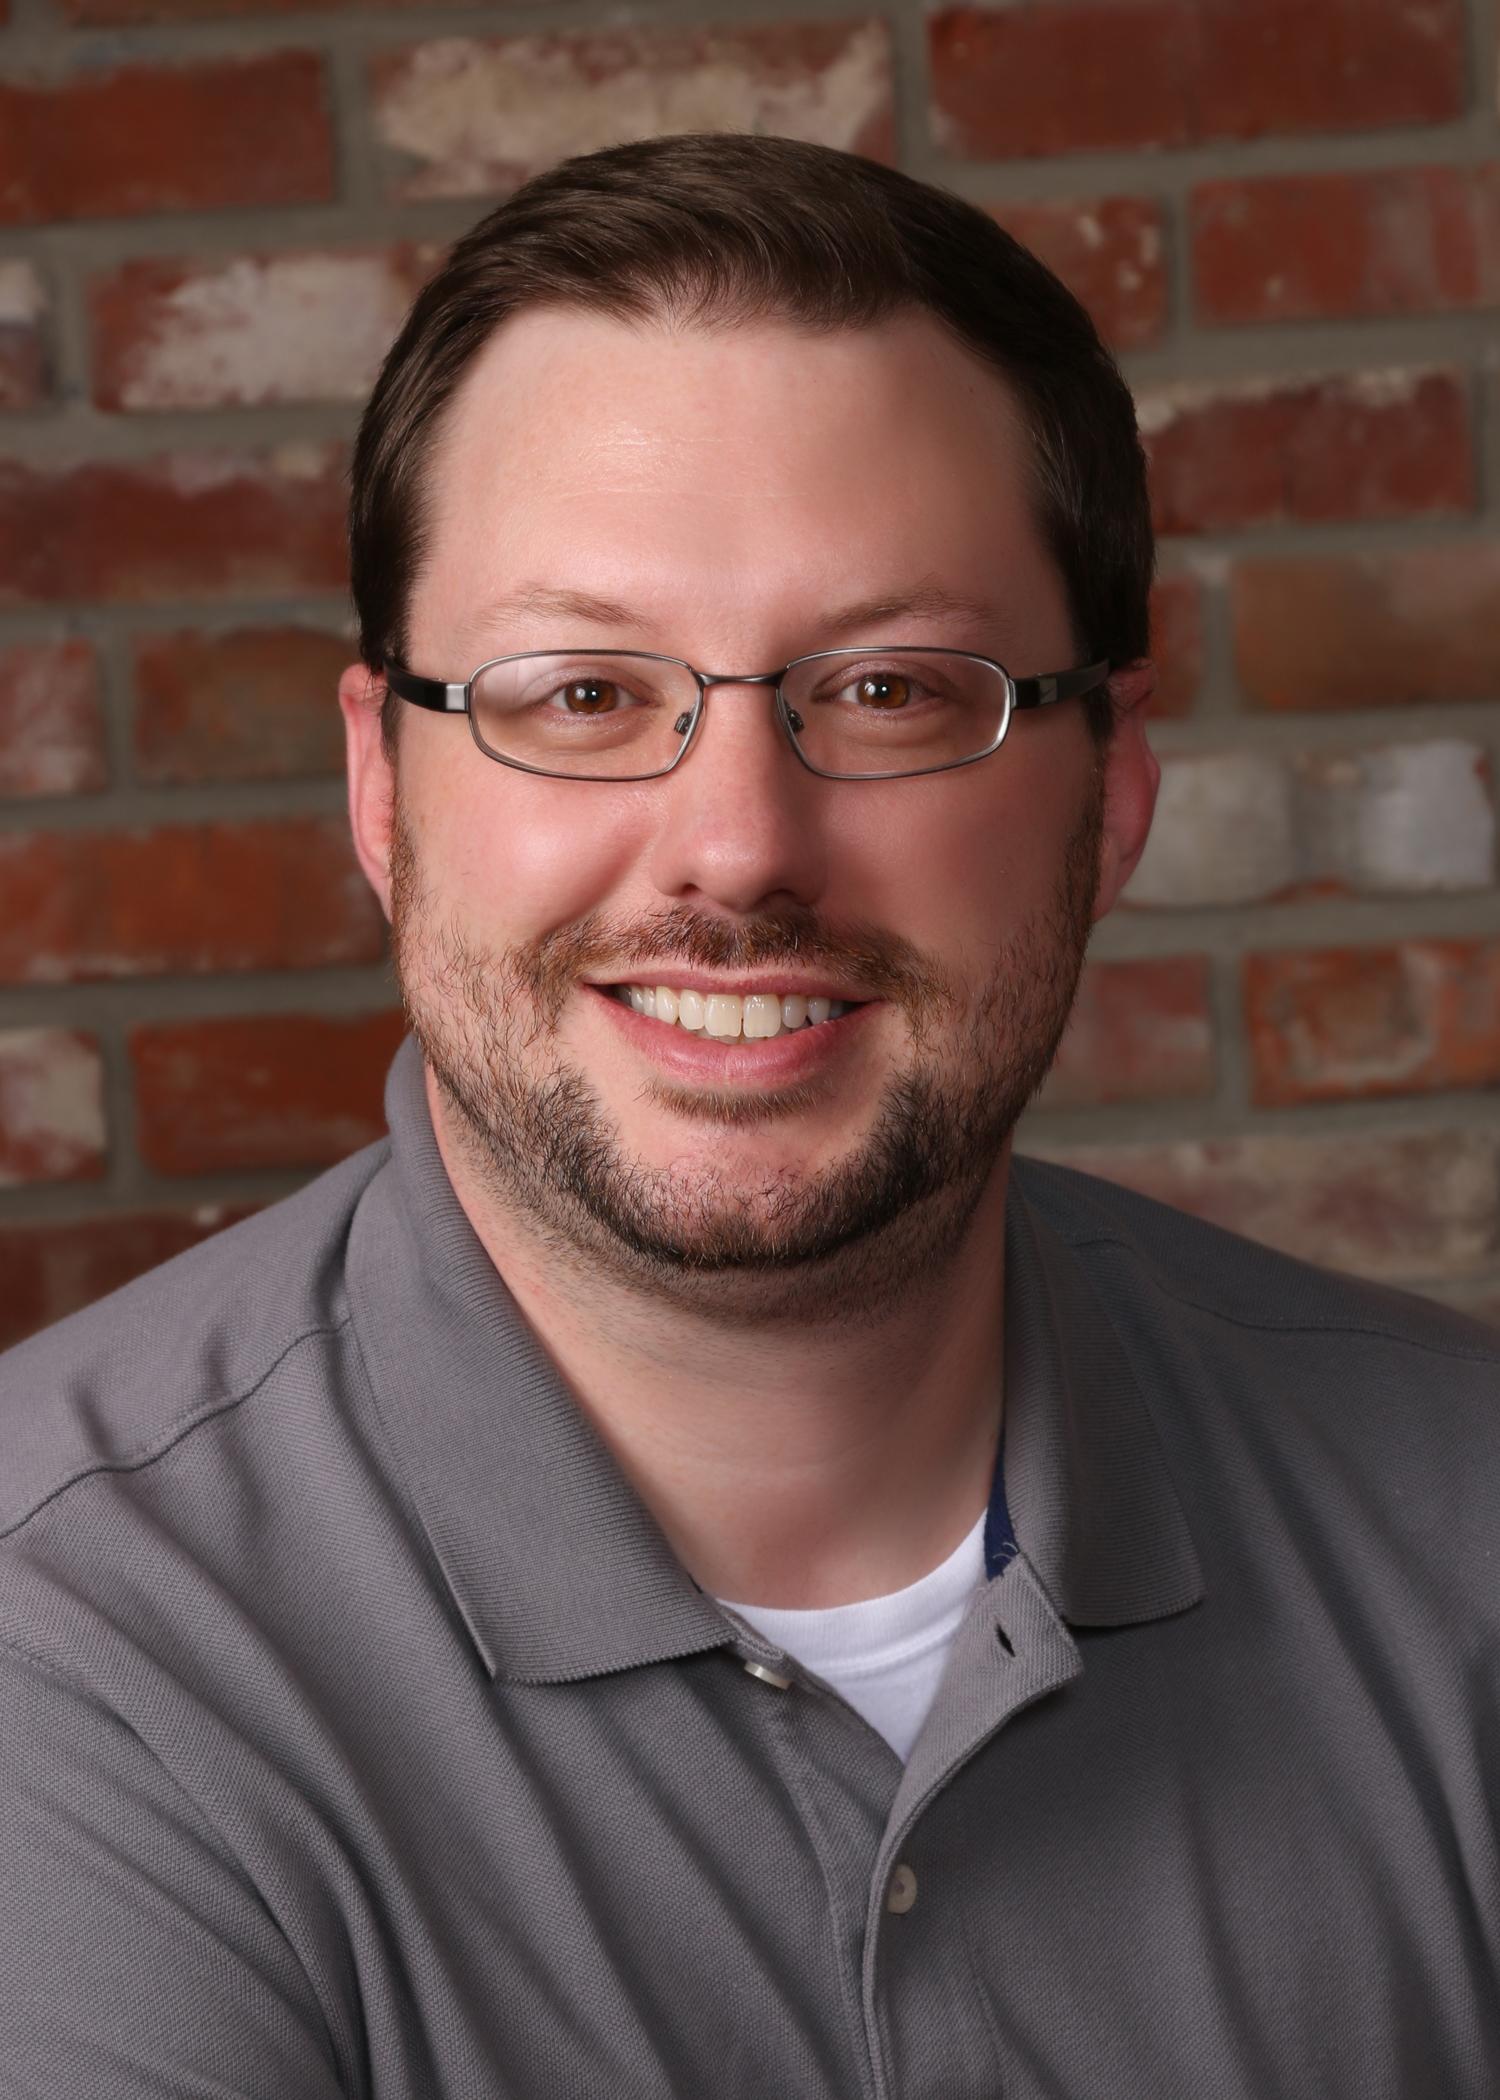 Director, Paul Brown